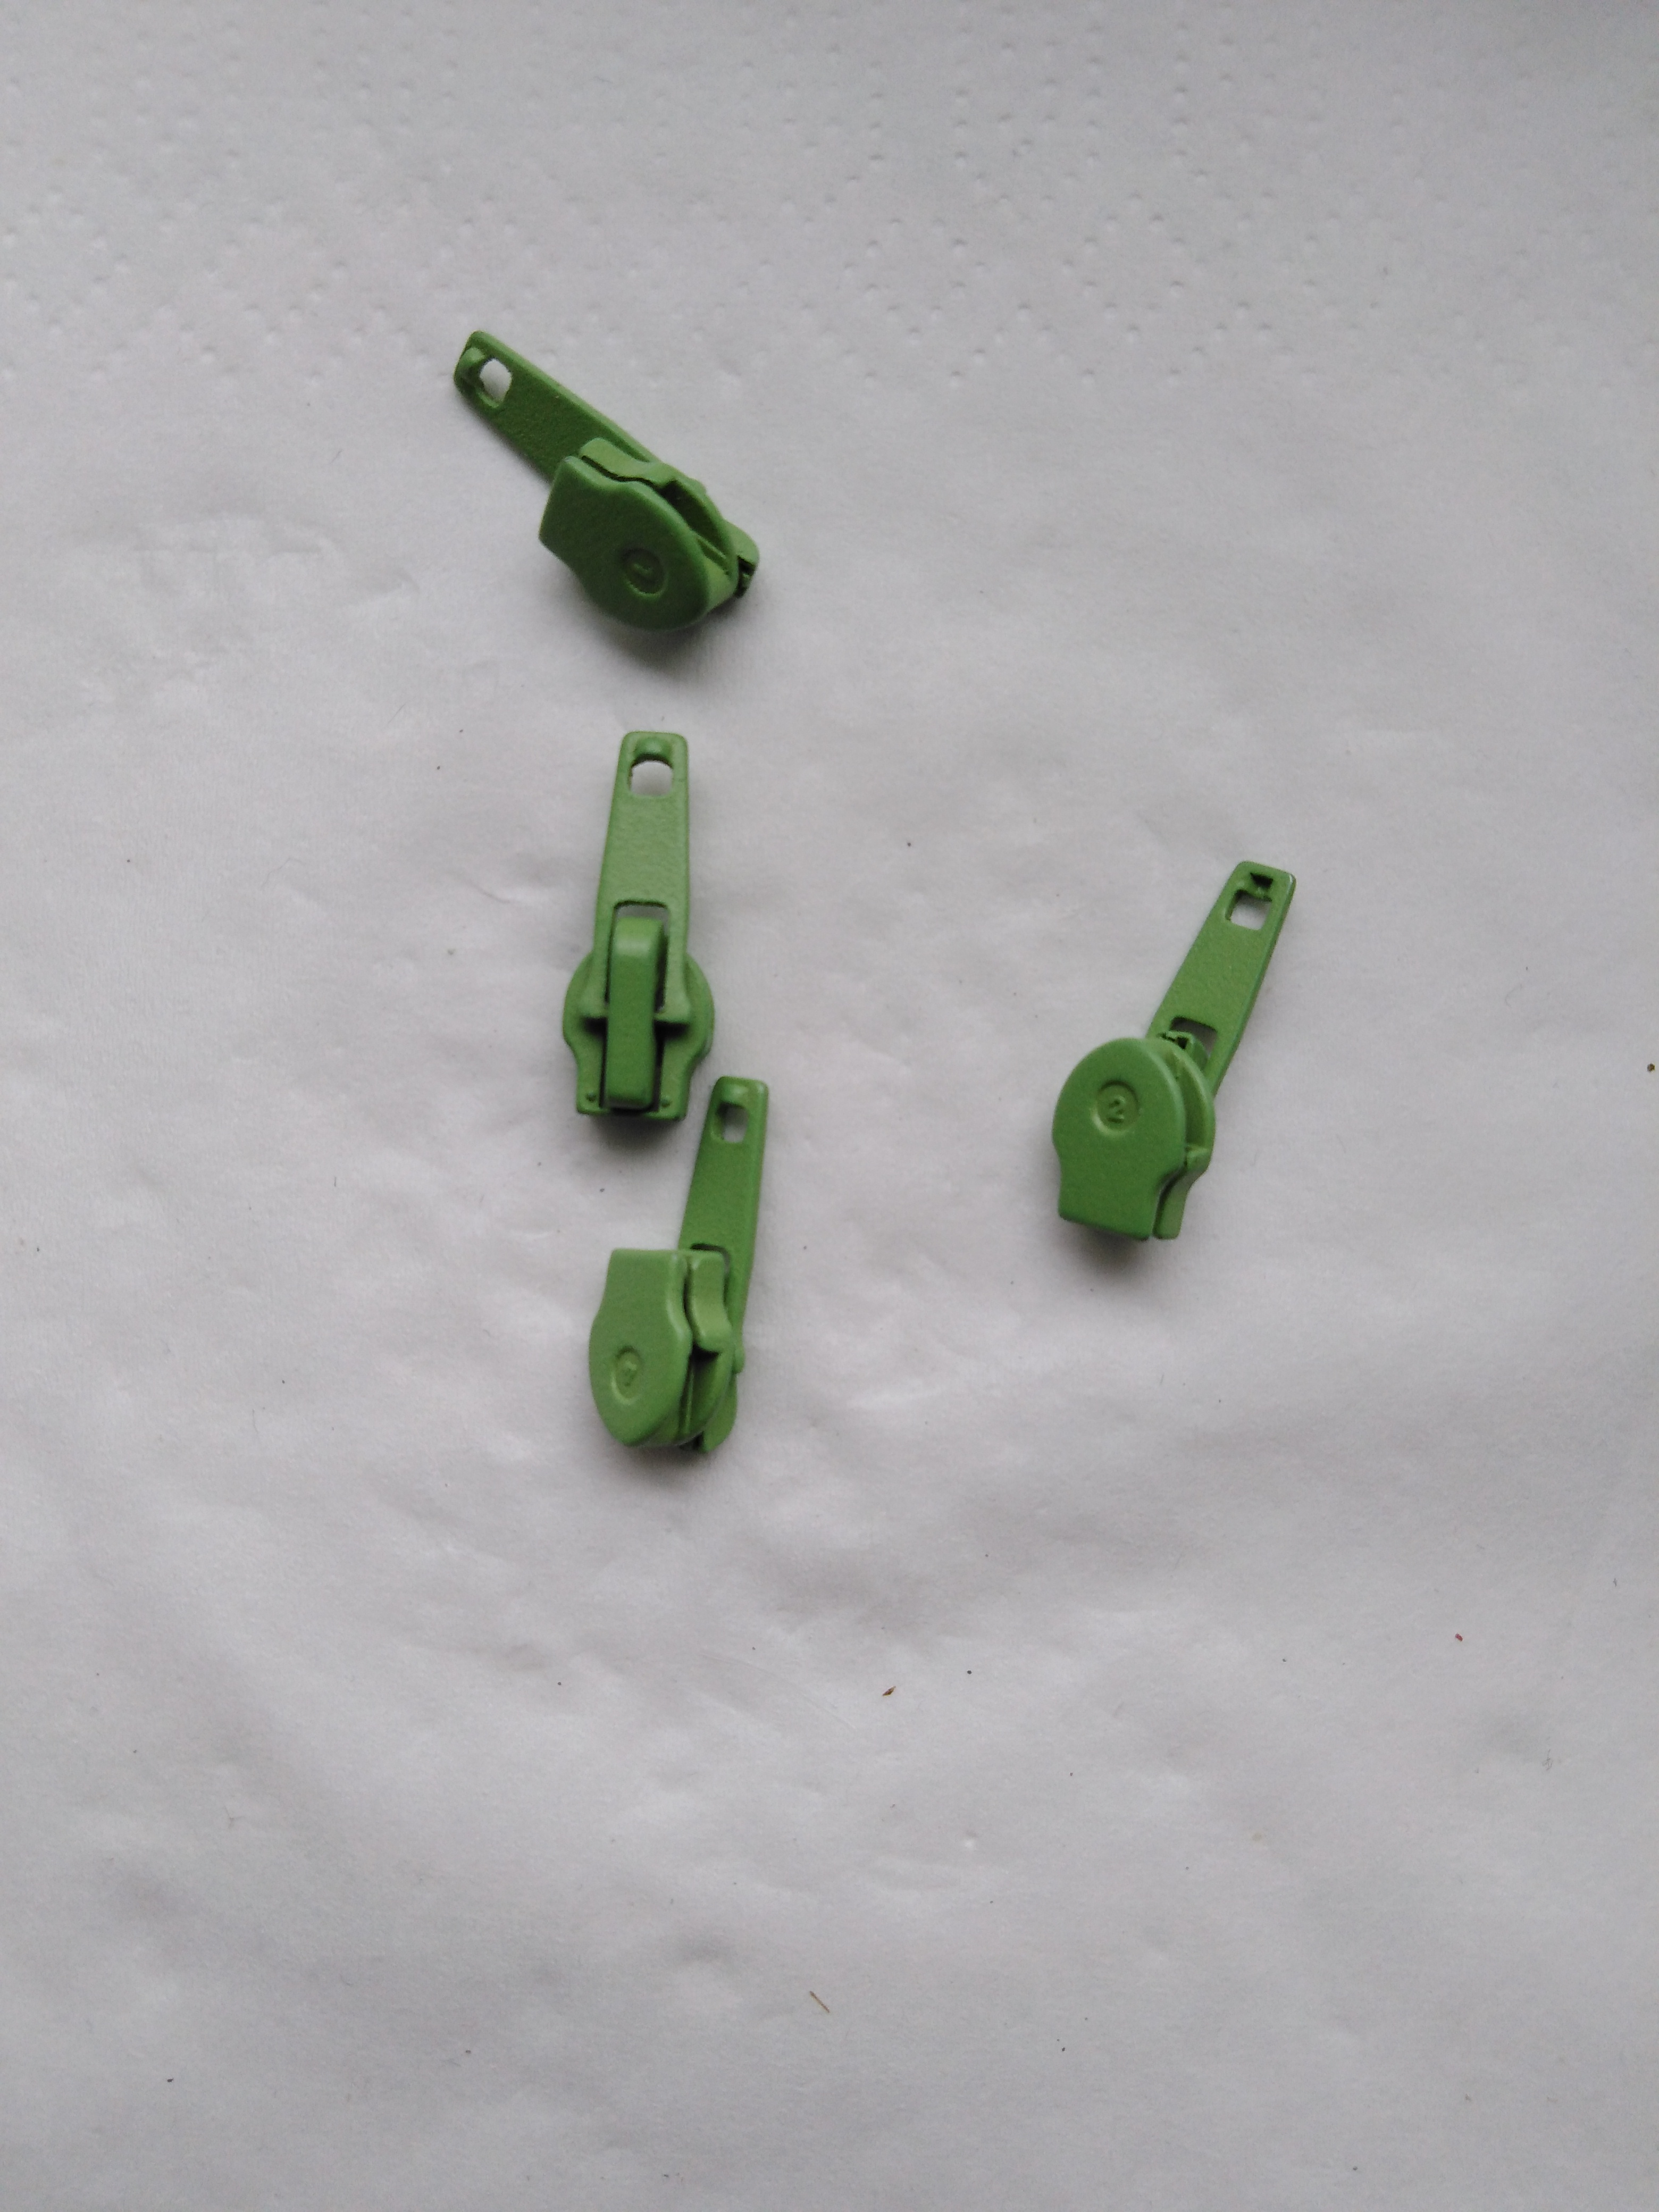 Jezdec k zipům WS0 aretační lakovaný jablečná zeleň